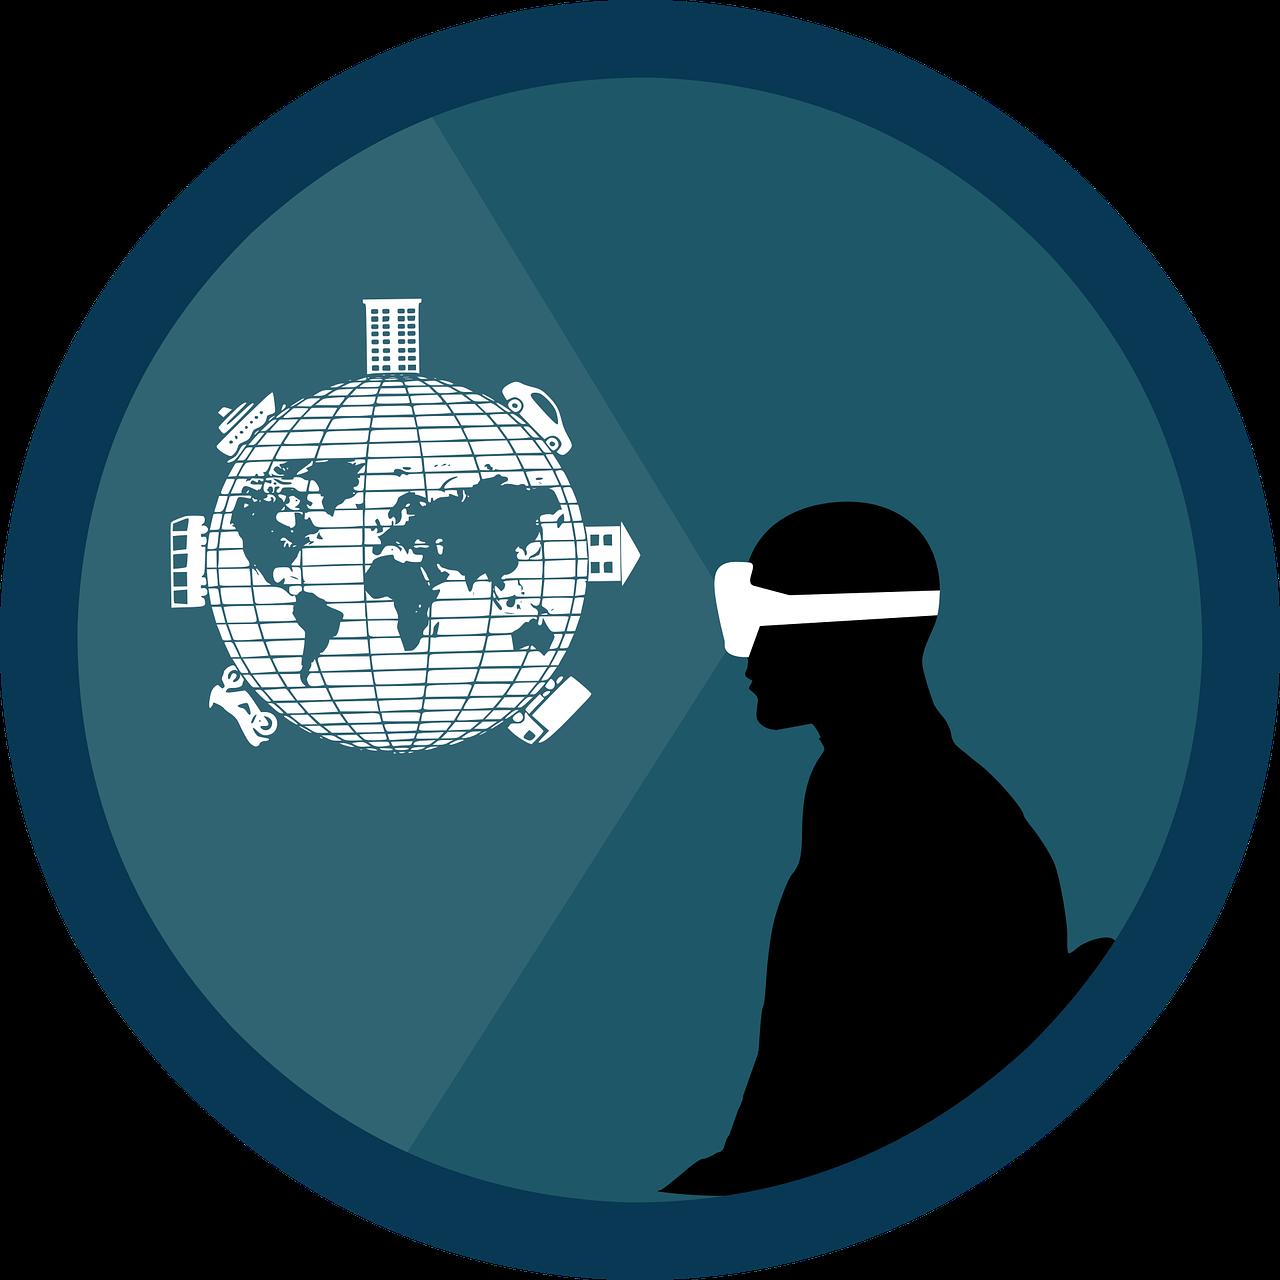 Viajes virtuales, una buena alternativa en tiempos de Covid